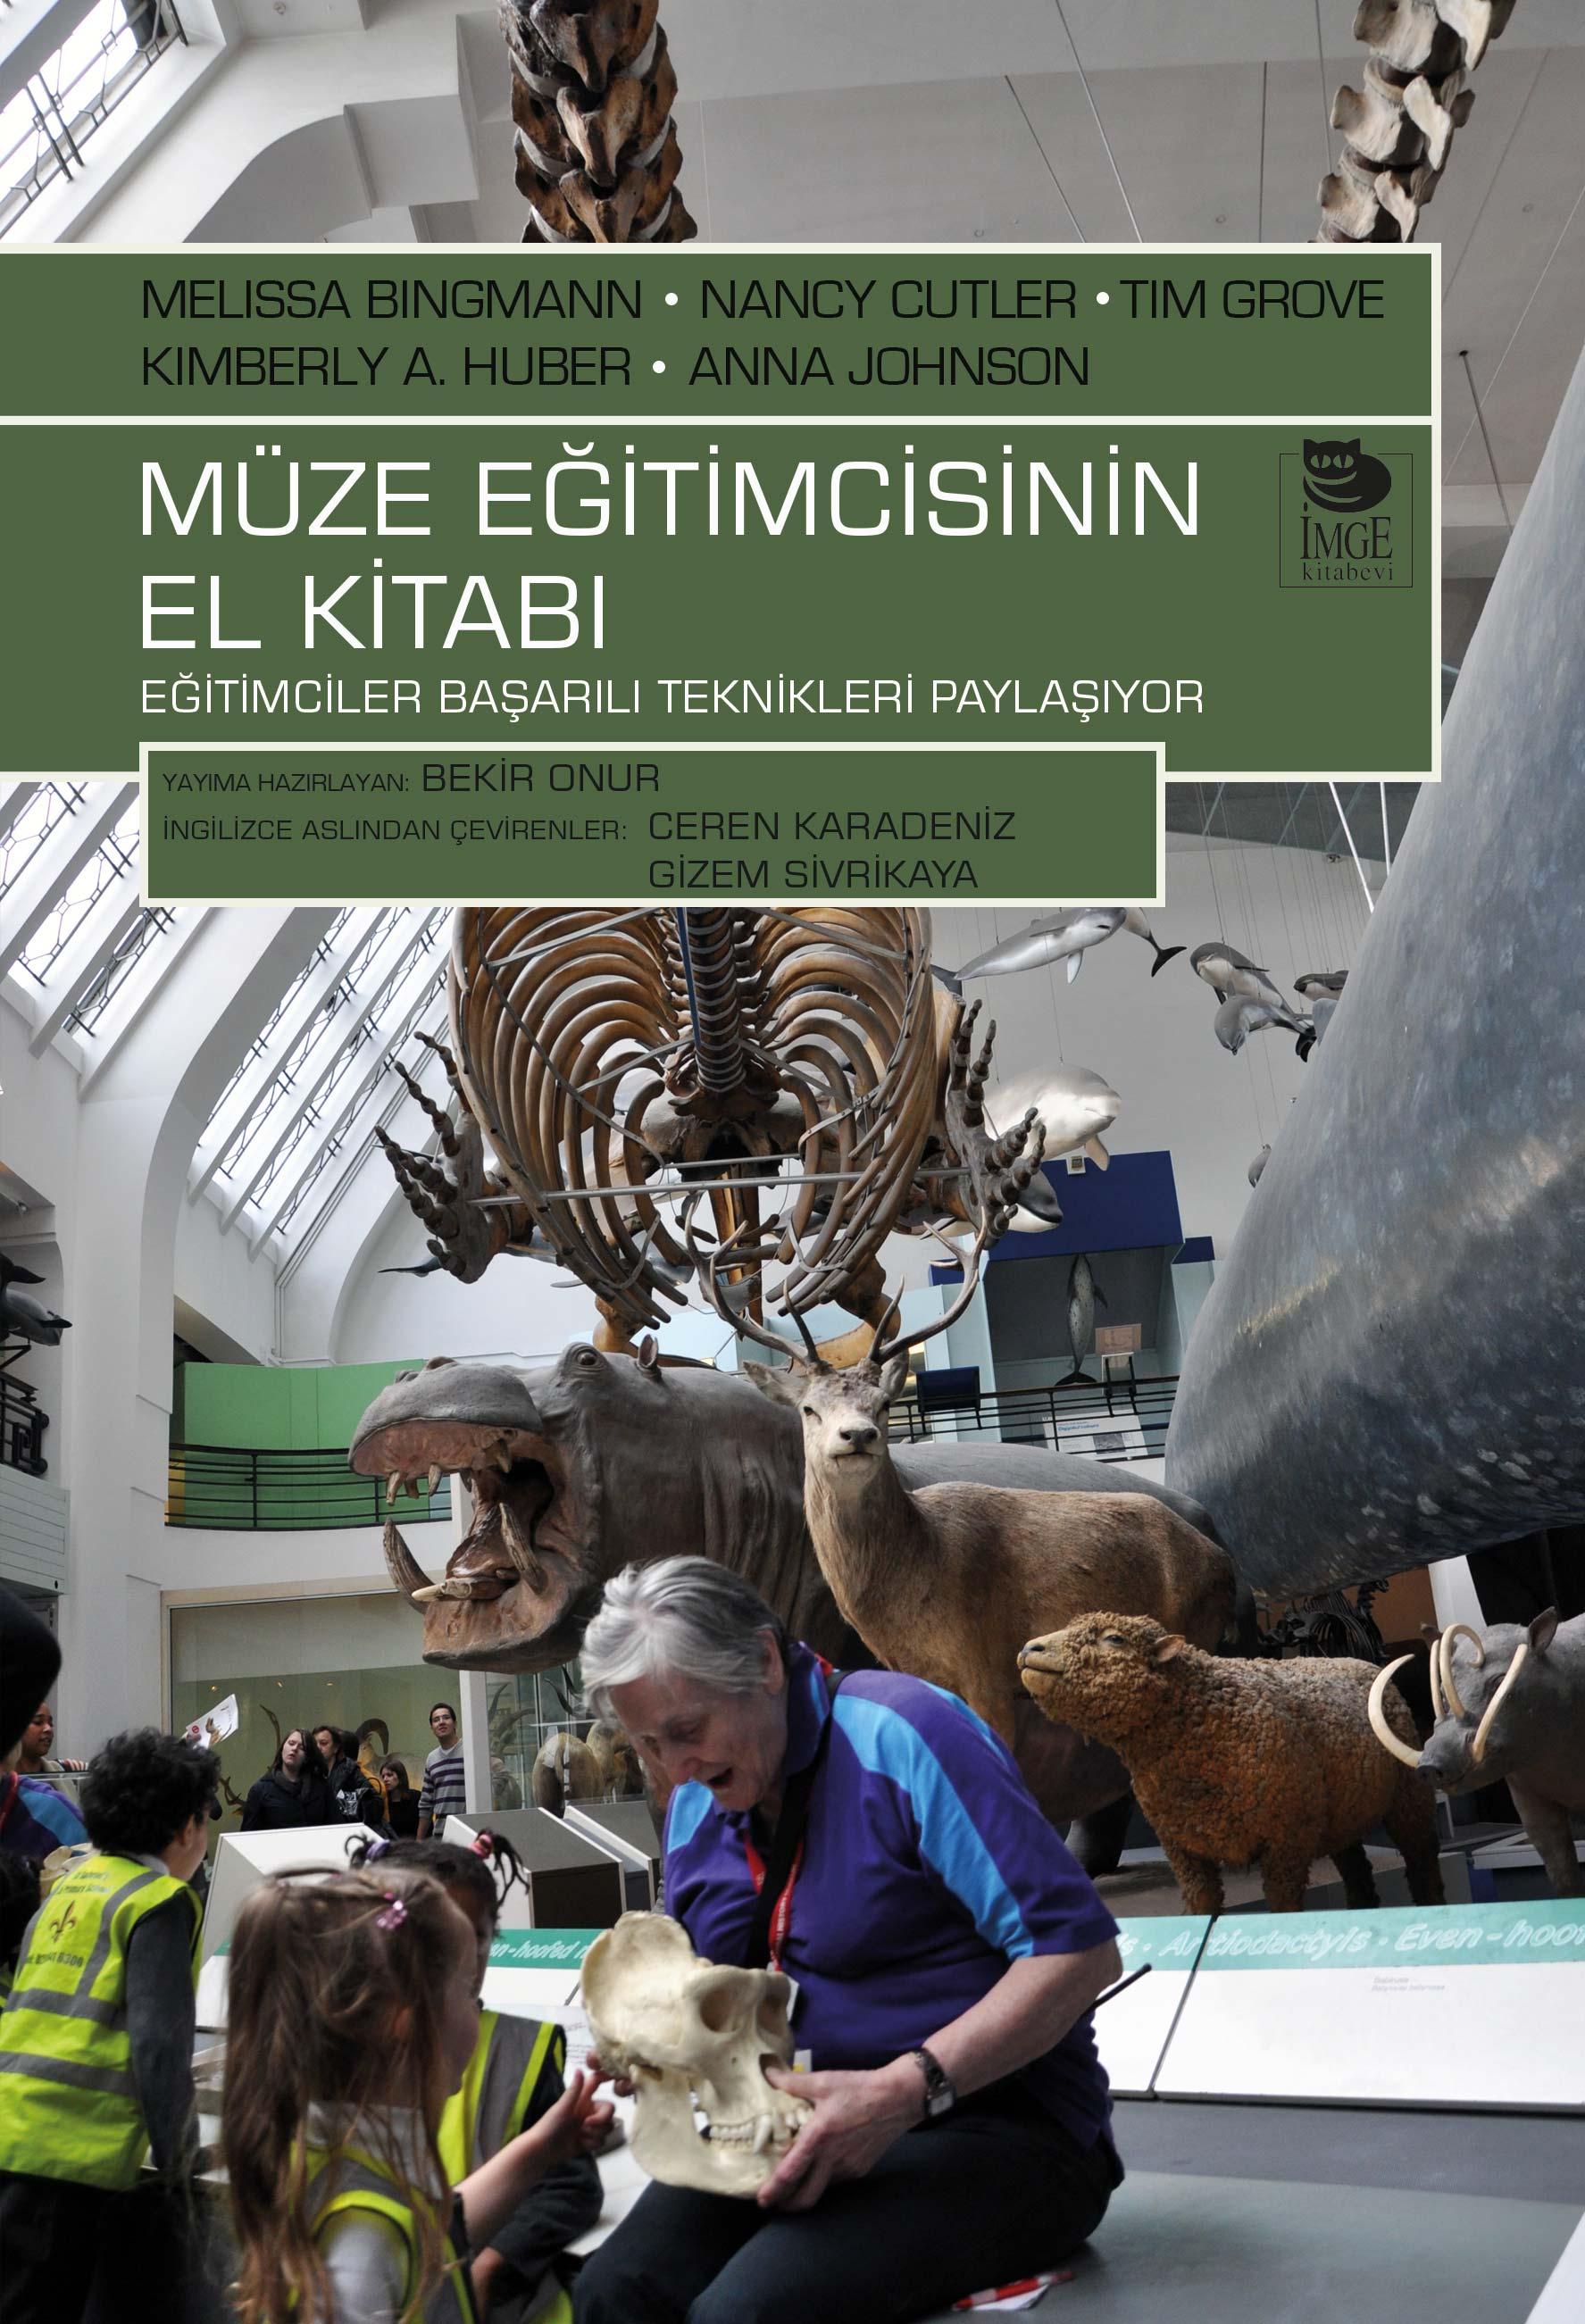 Müze Eğitimcisinin El Kitabı; Eğitimciler Başarılı Teknikleri Paylaşıyor